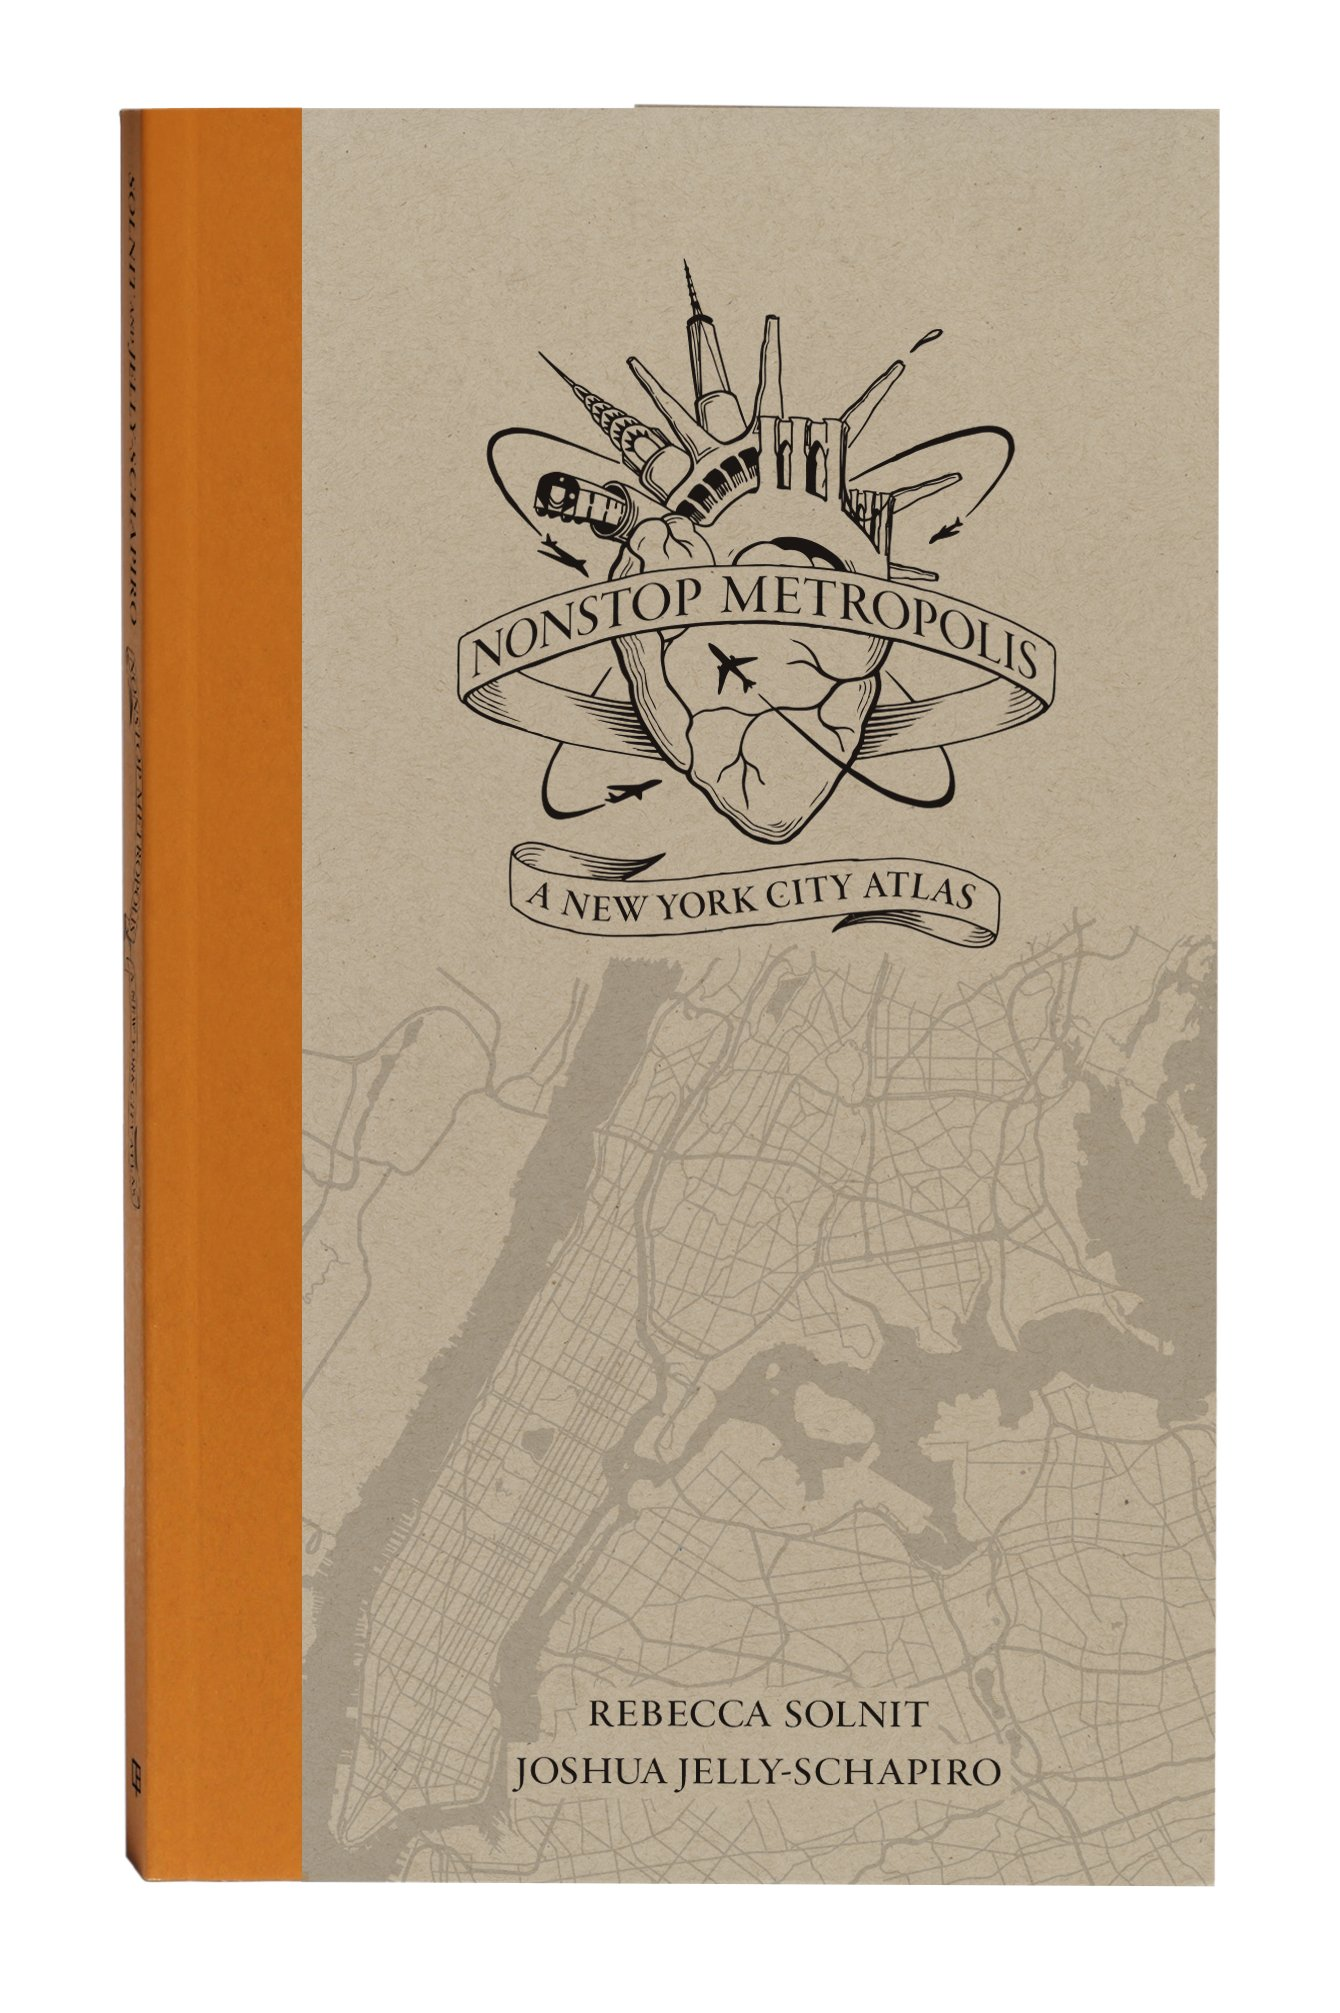 nonstop metropolis a new york city atlas rebecca solnit joshua  nonstop metropolis a new york city atlas rebecca solnit joshua jelly schapiro 9780520285958 com books